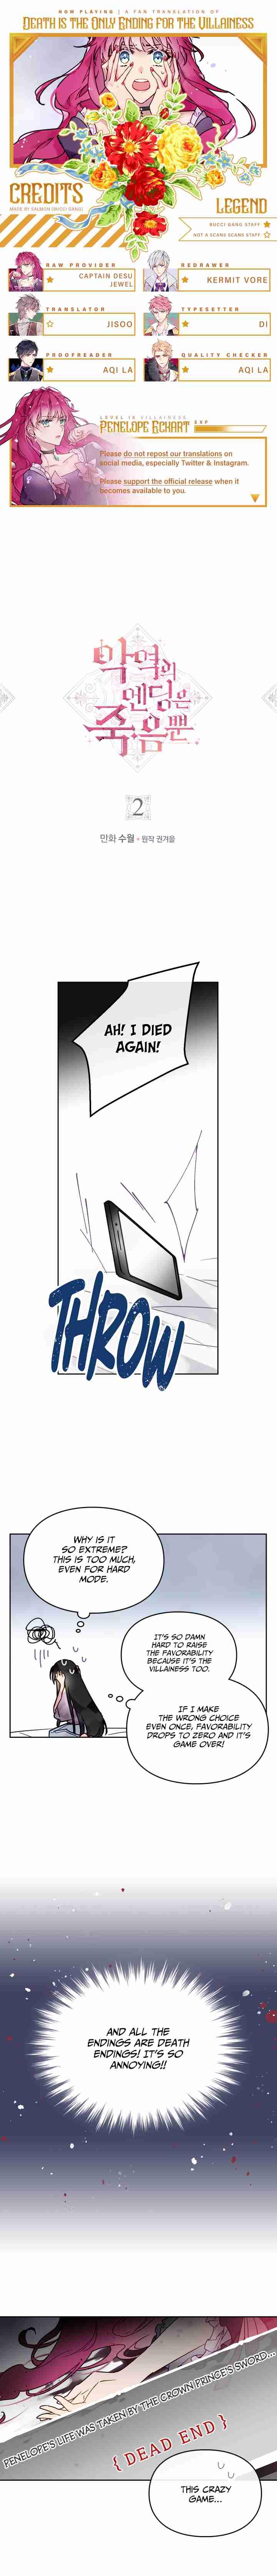 https://manga.mangadogs.com/comics/pic3/52/37492/1427743/03a54a29908582b69cdc64511fd37924.jpg Page 1